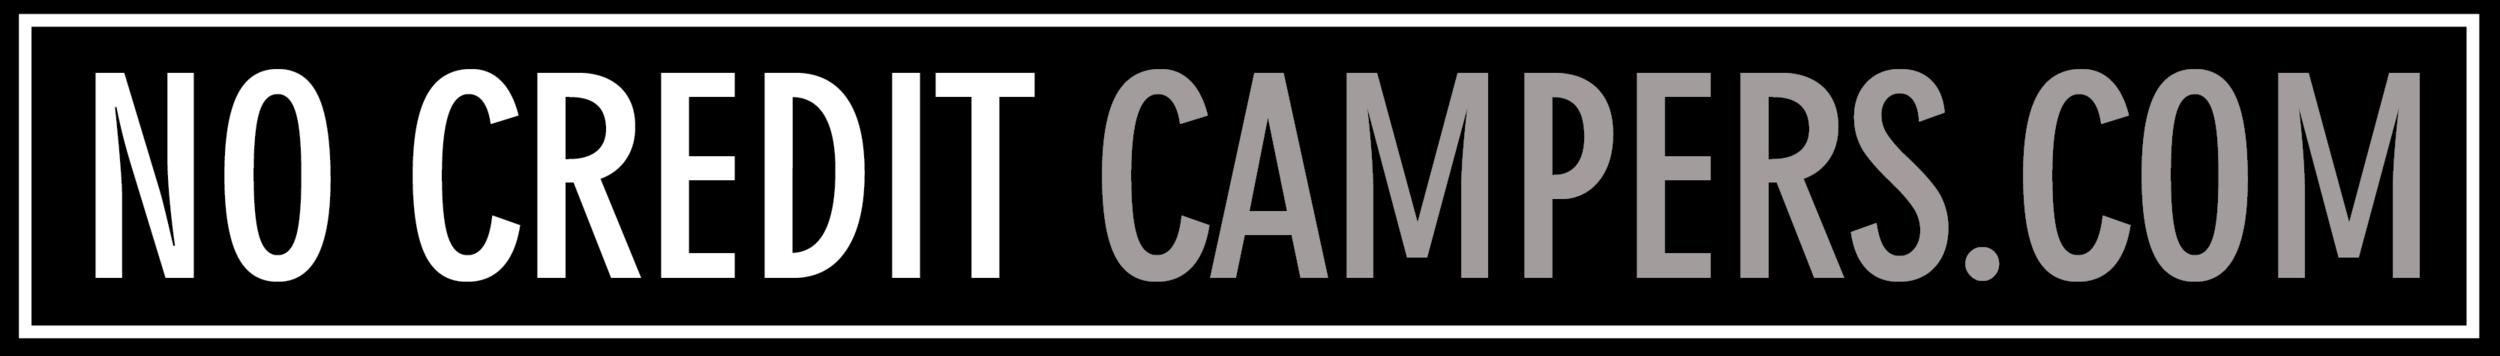 nocreditcampers.com.wavewallet.co.nocreditcheck